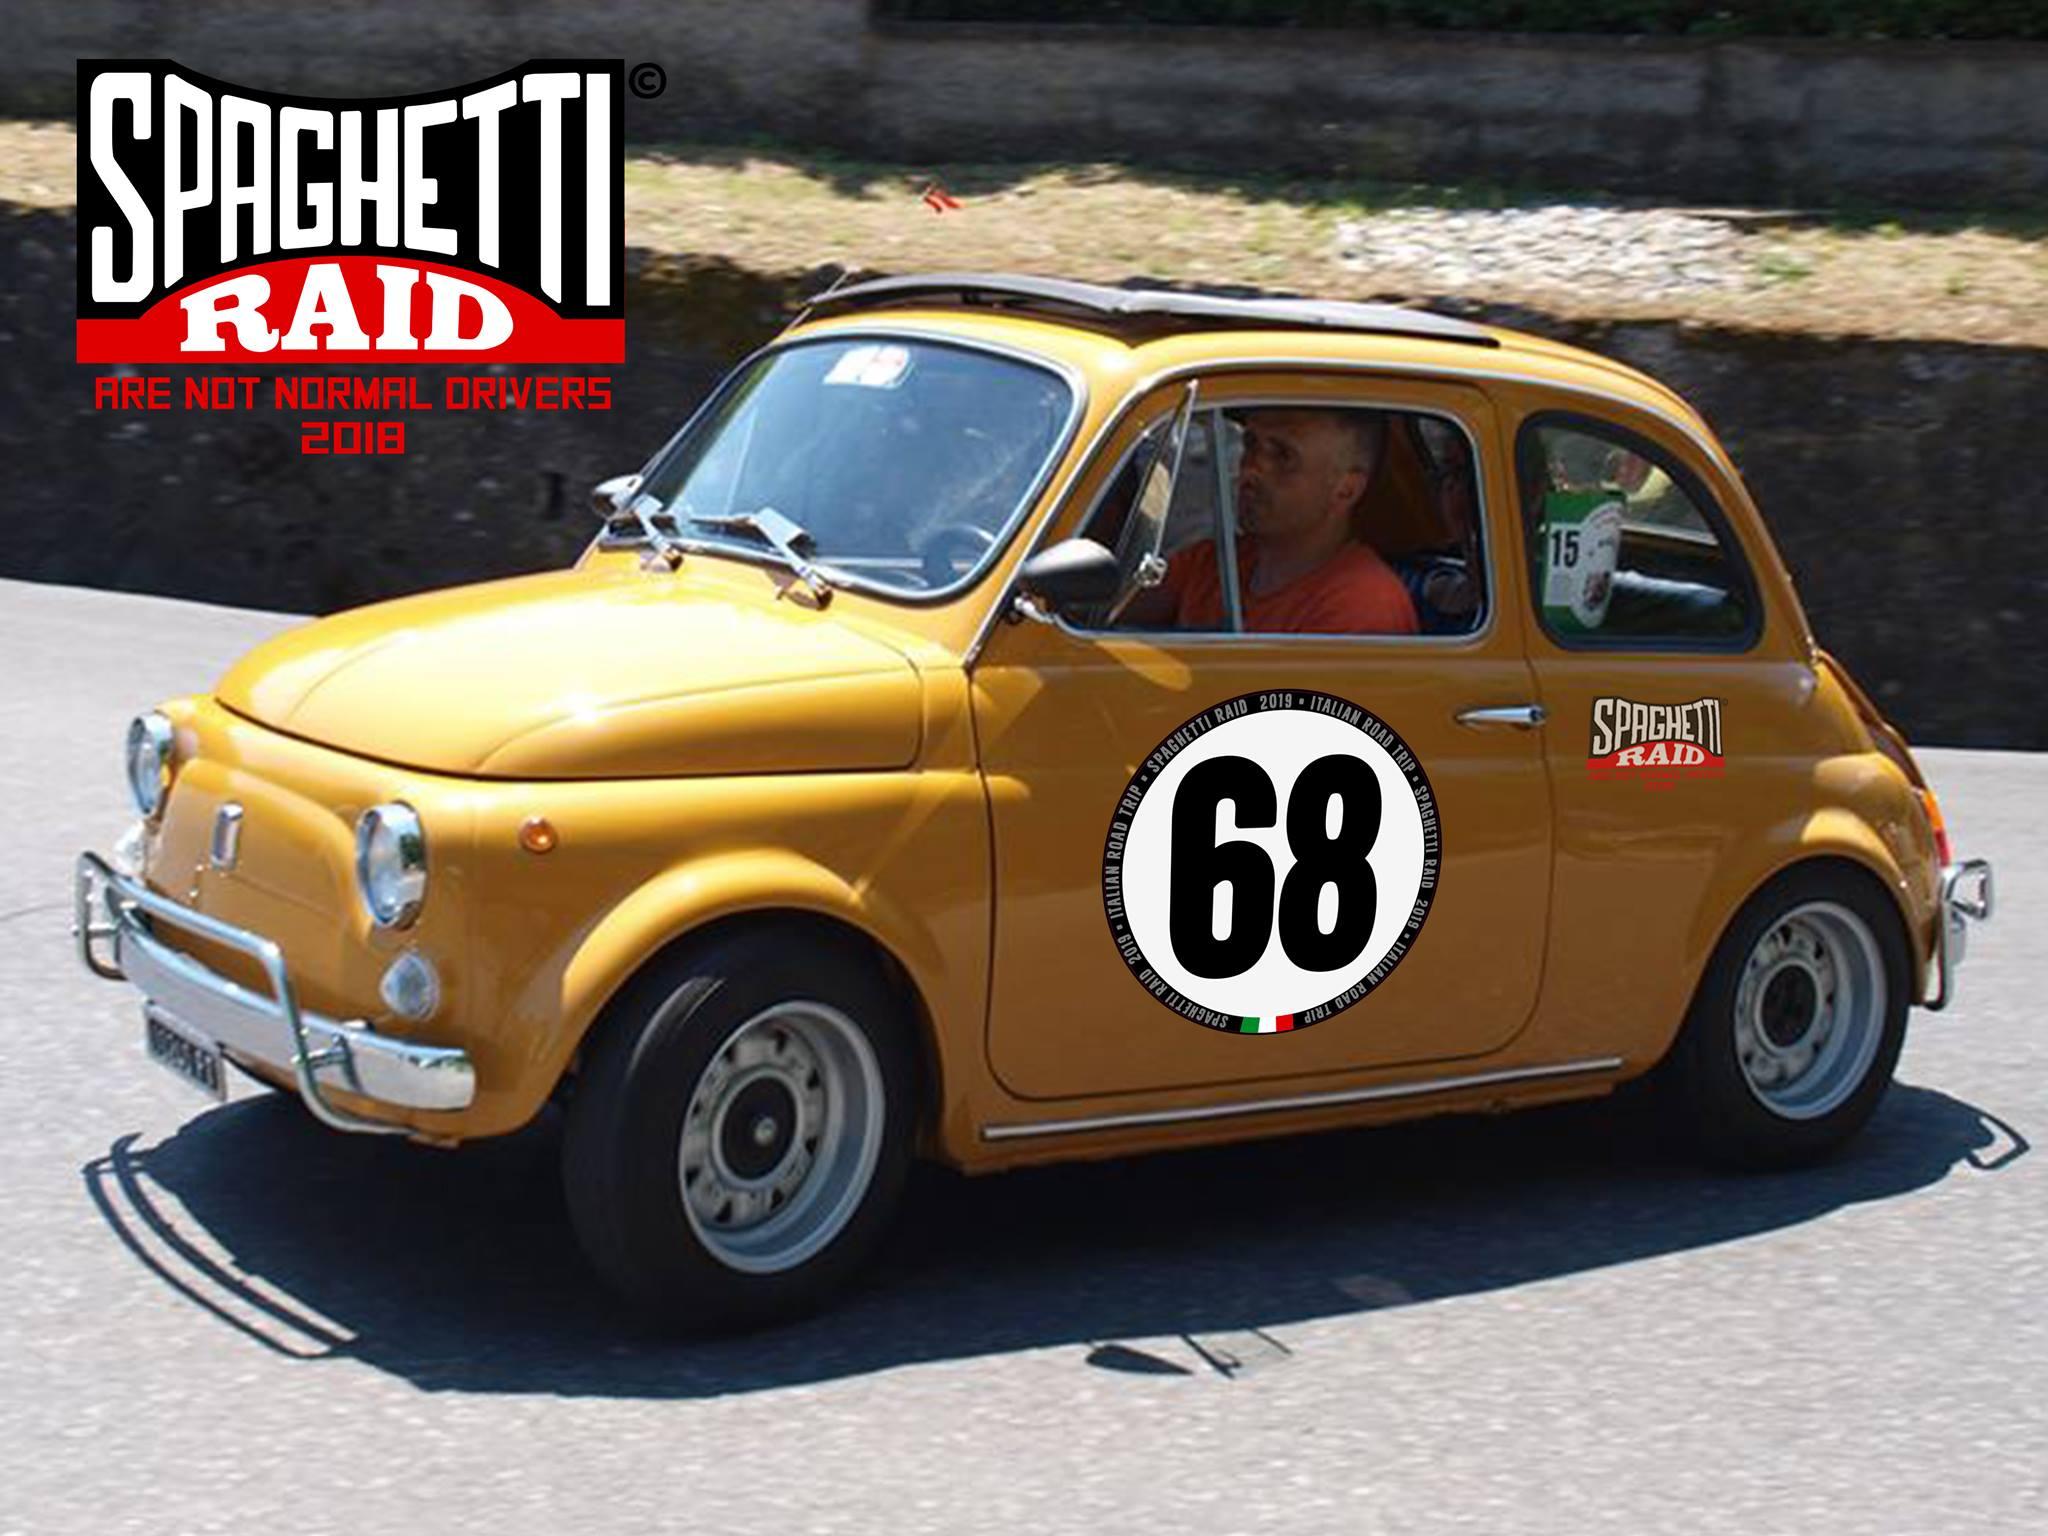 Team VELOCITA' E POTENZA #68 FIAT 500L del '71 Città: Abetone Cutigliano PT